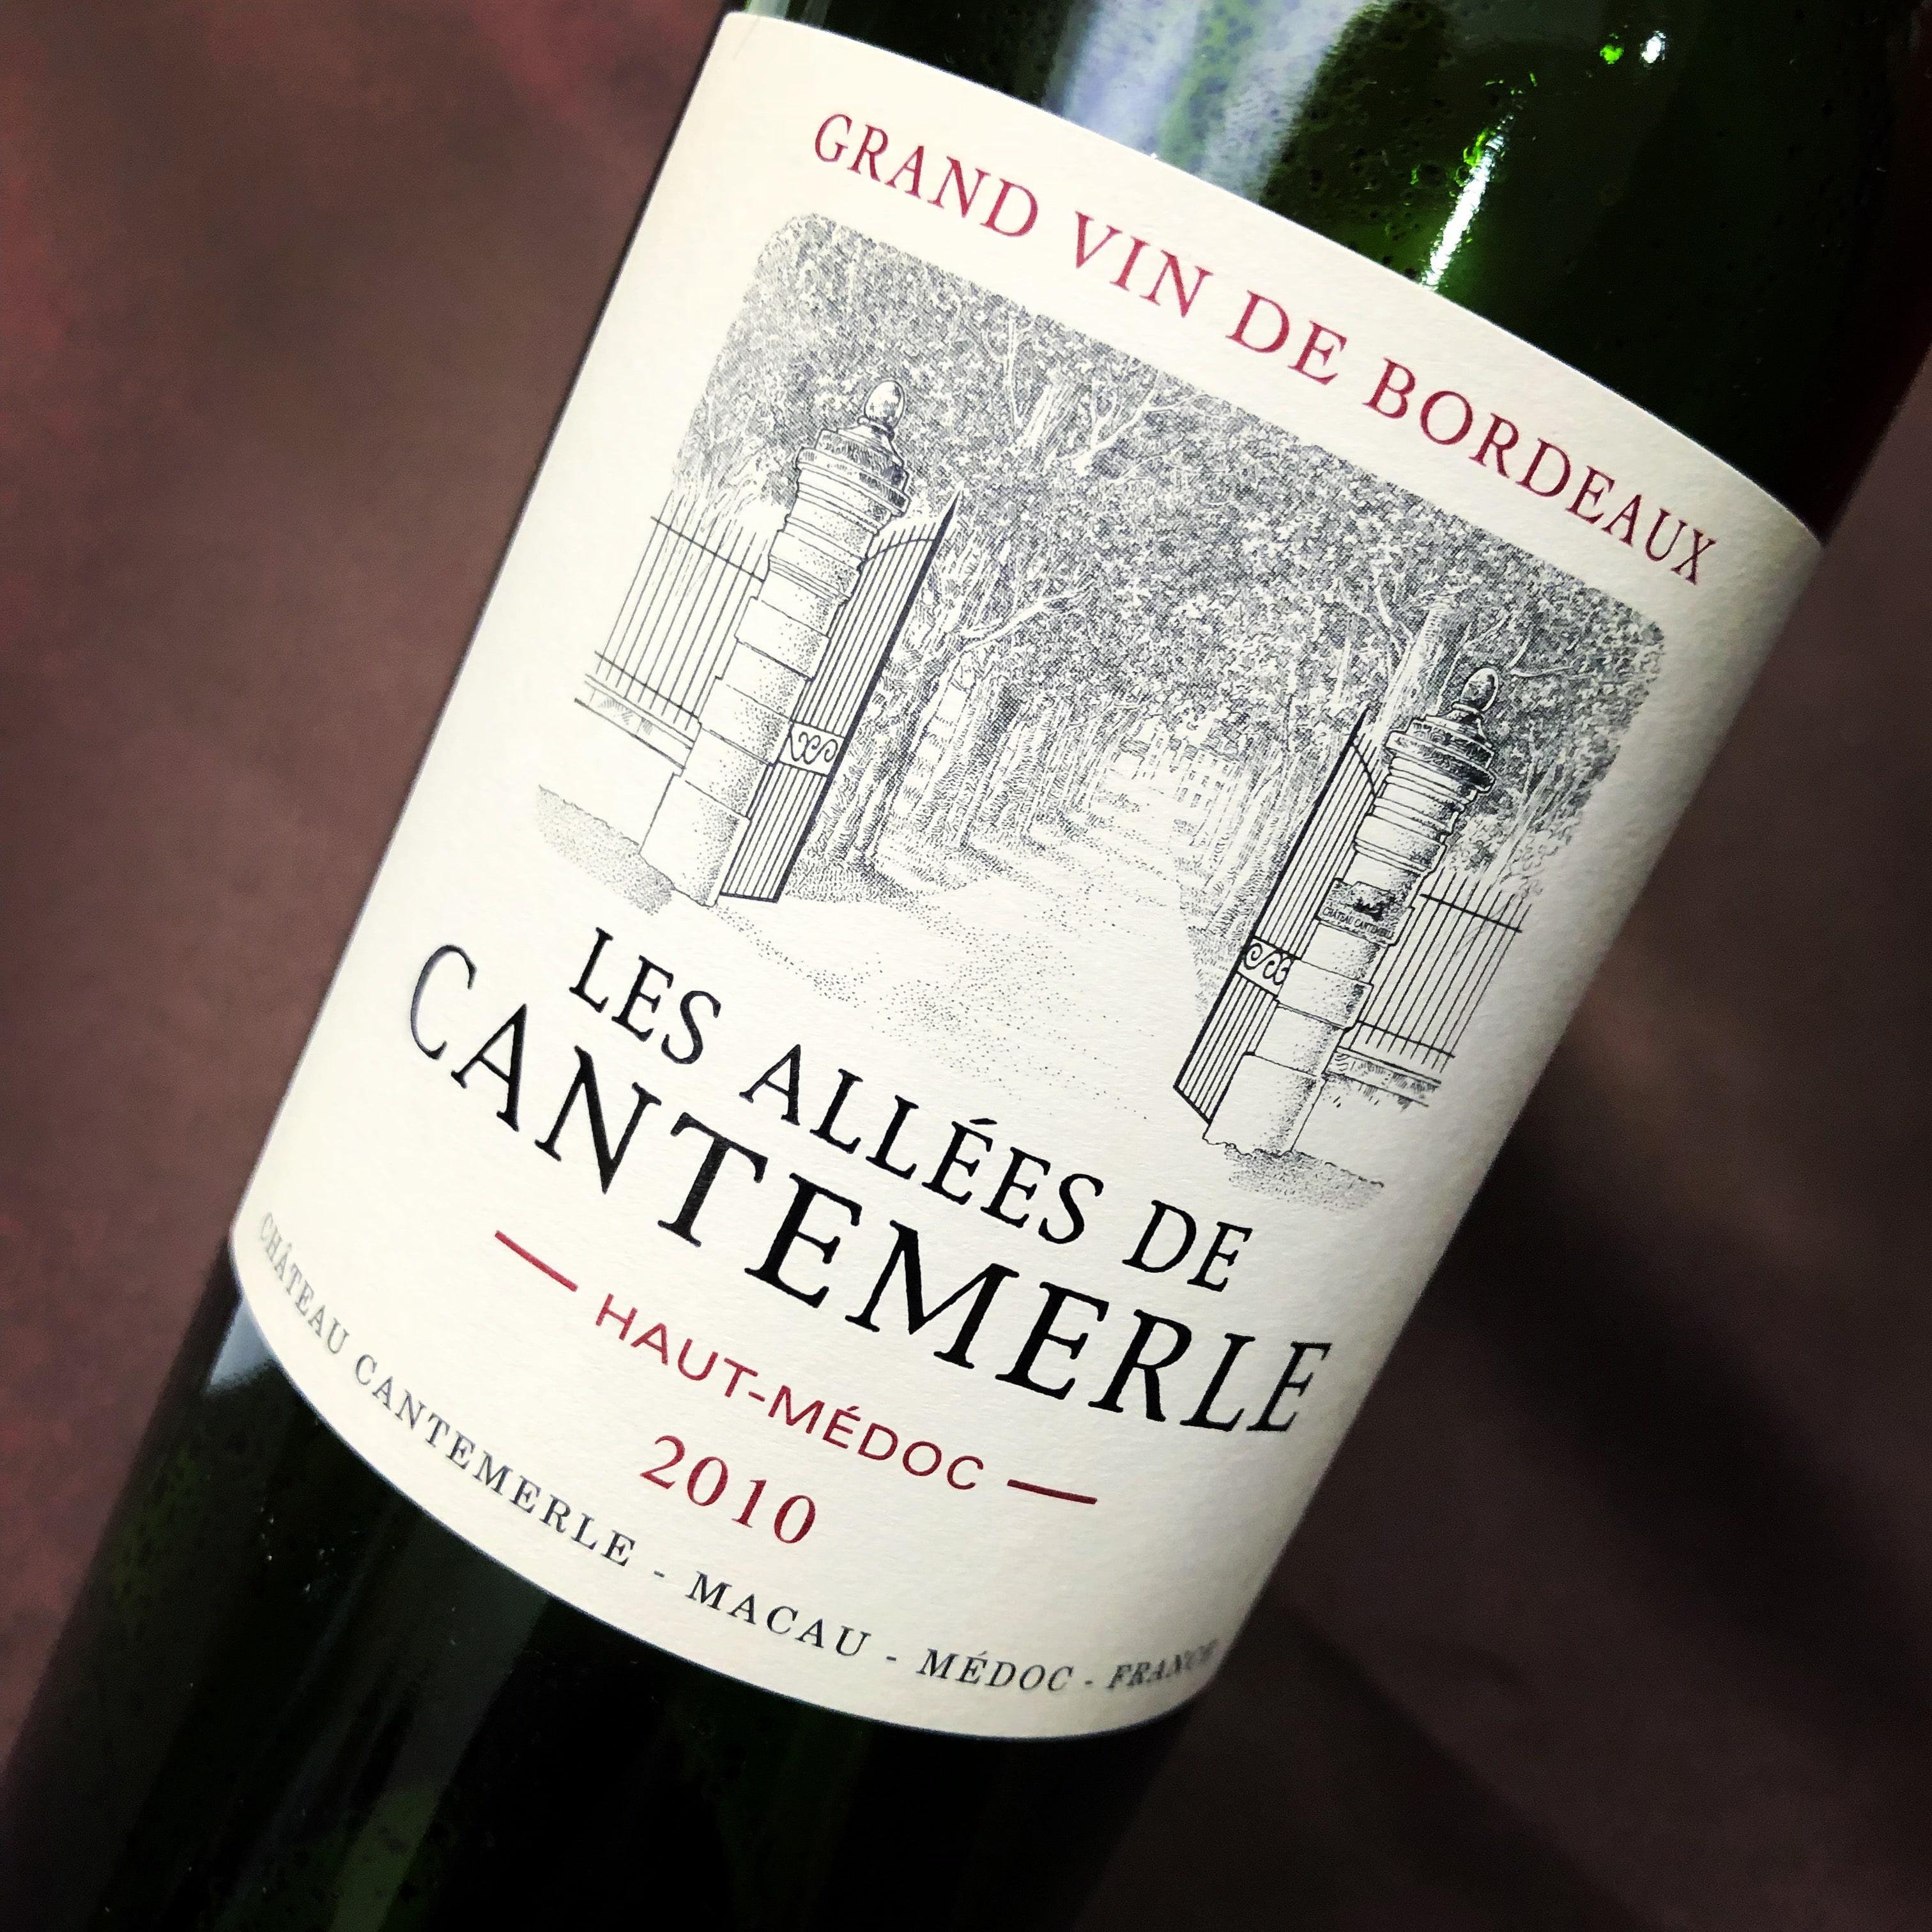 Château Cantemerle Les Allées de Cantemerle 2010